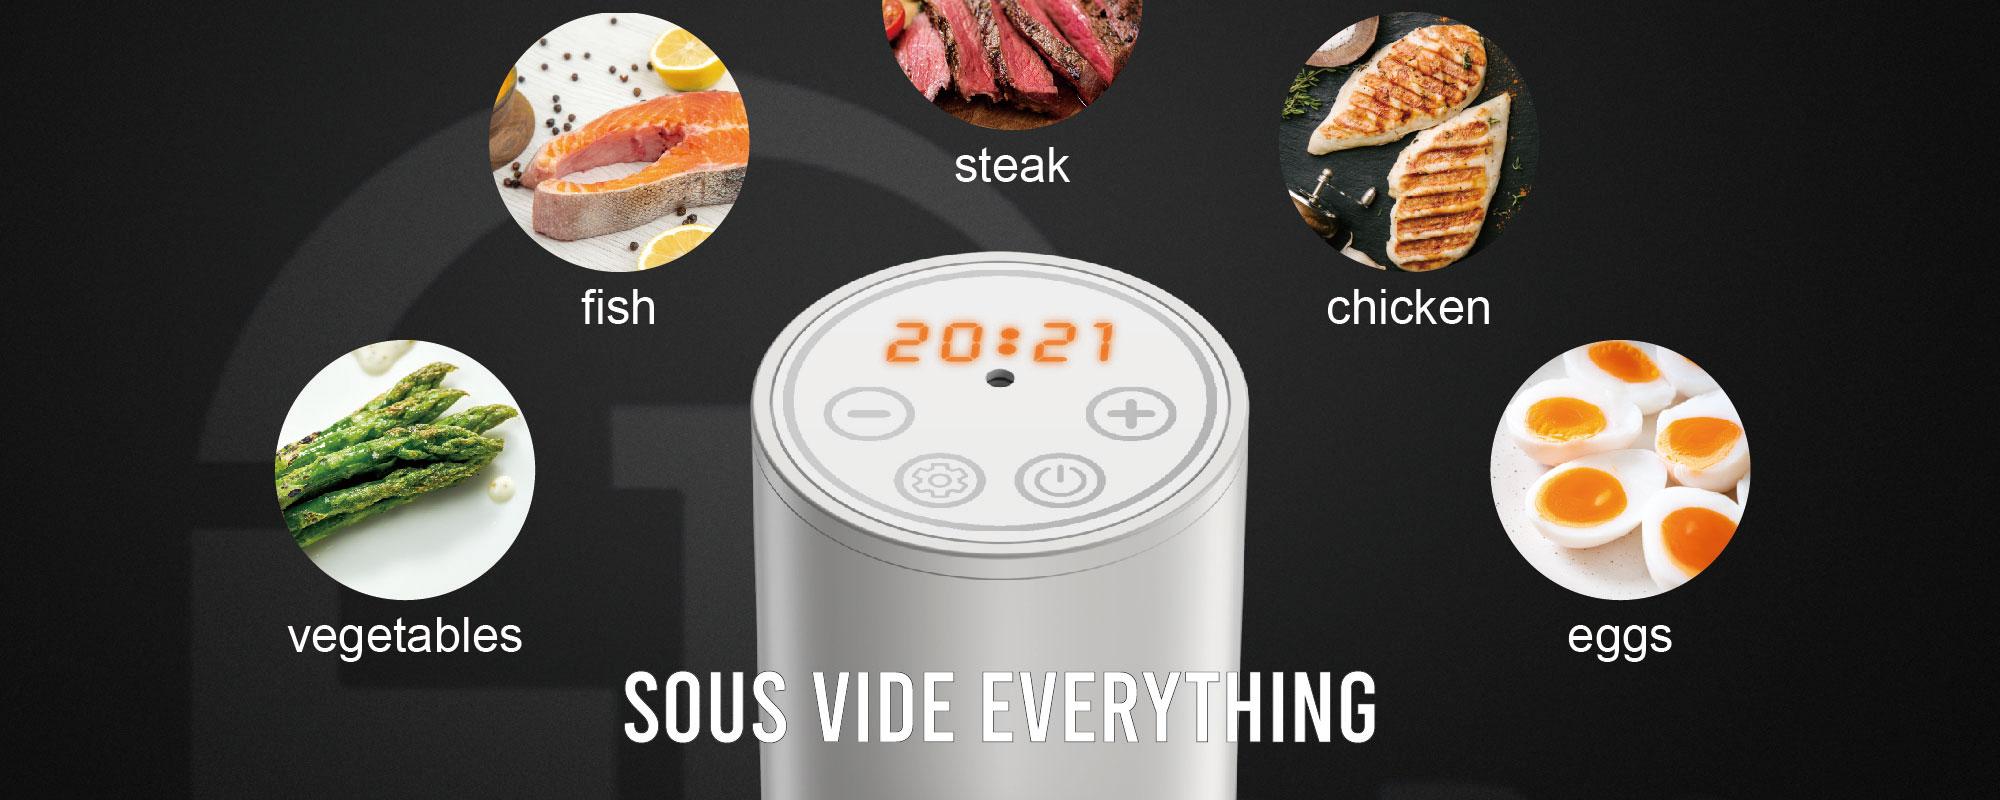 사용자 정의 완벽하게 부드러운 sous vide recipe 제조 업체 중국에서